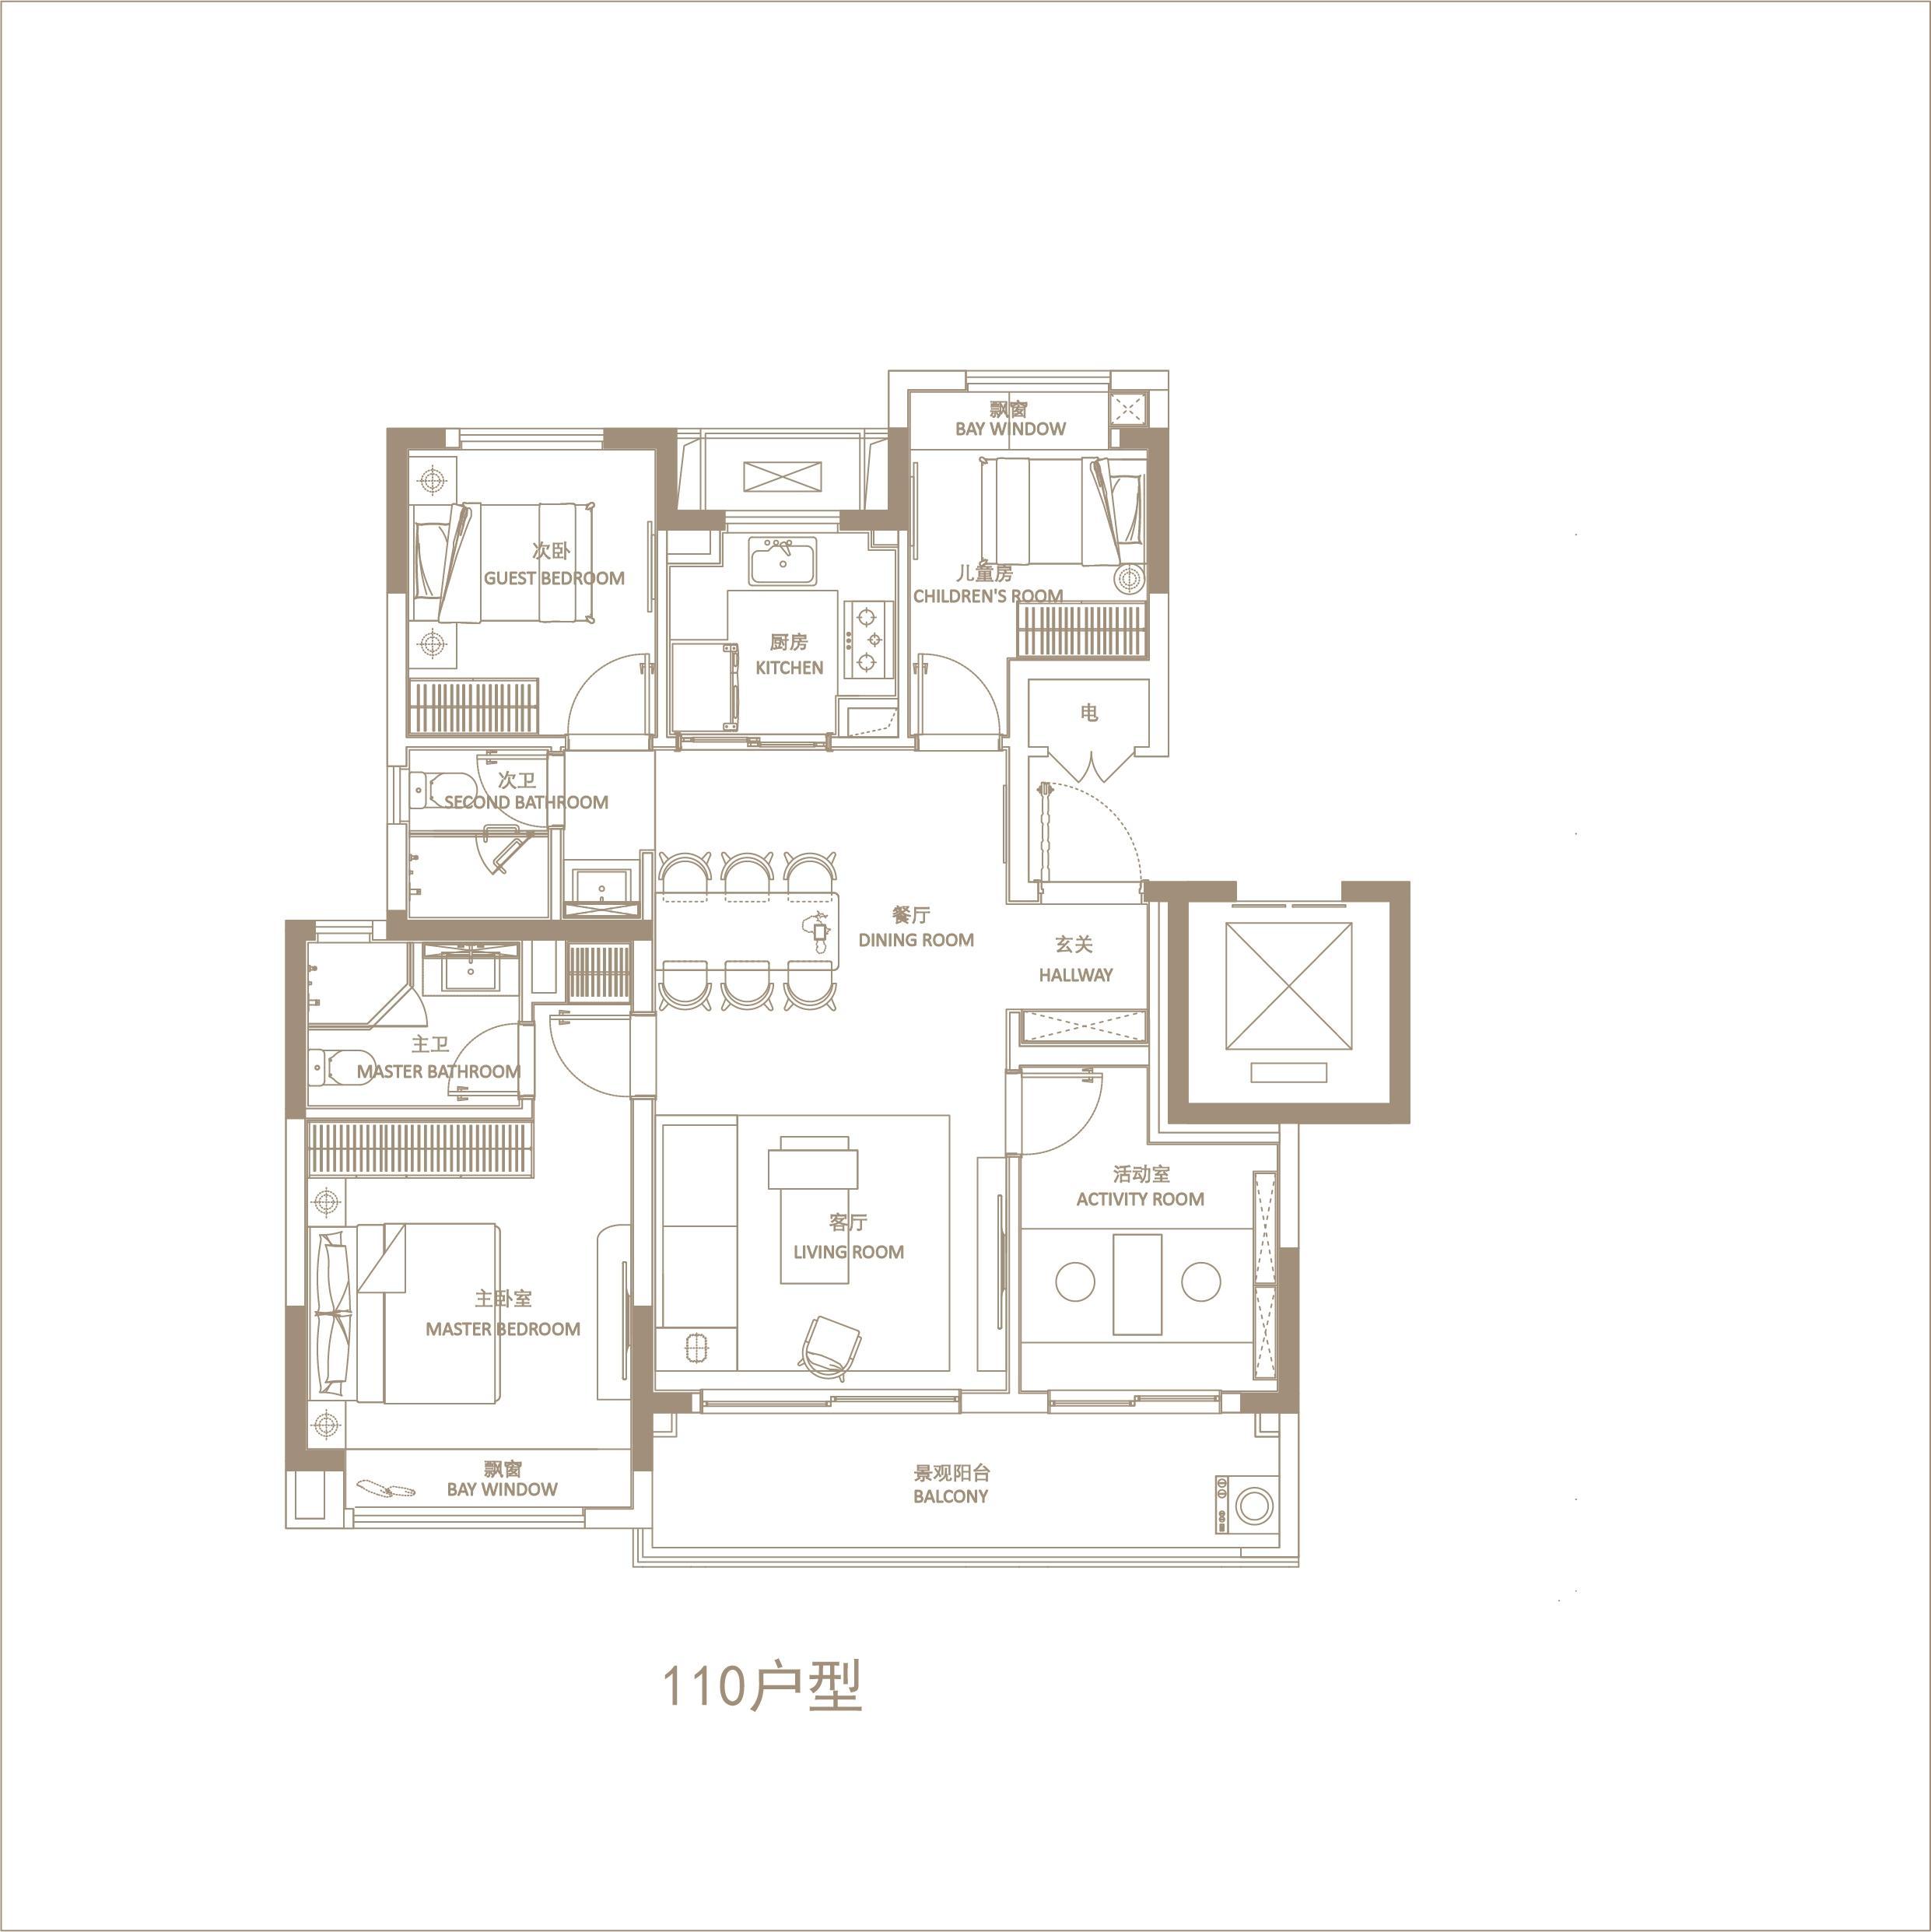 润辰府110㎡四室两厅两卫户型